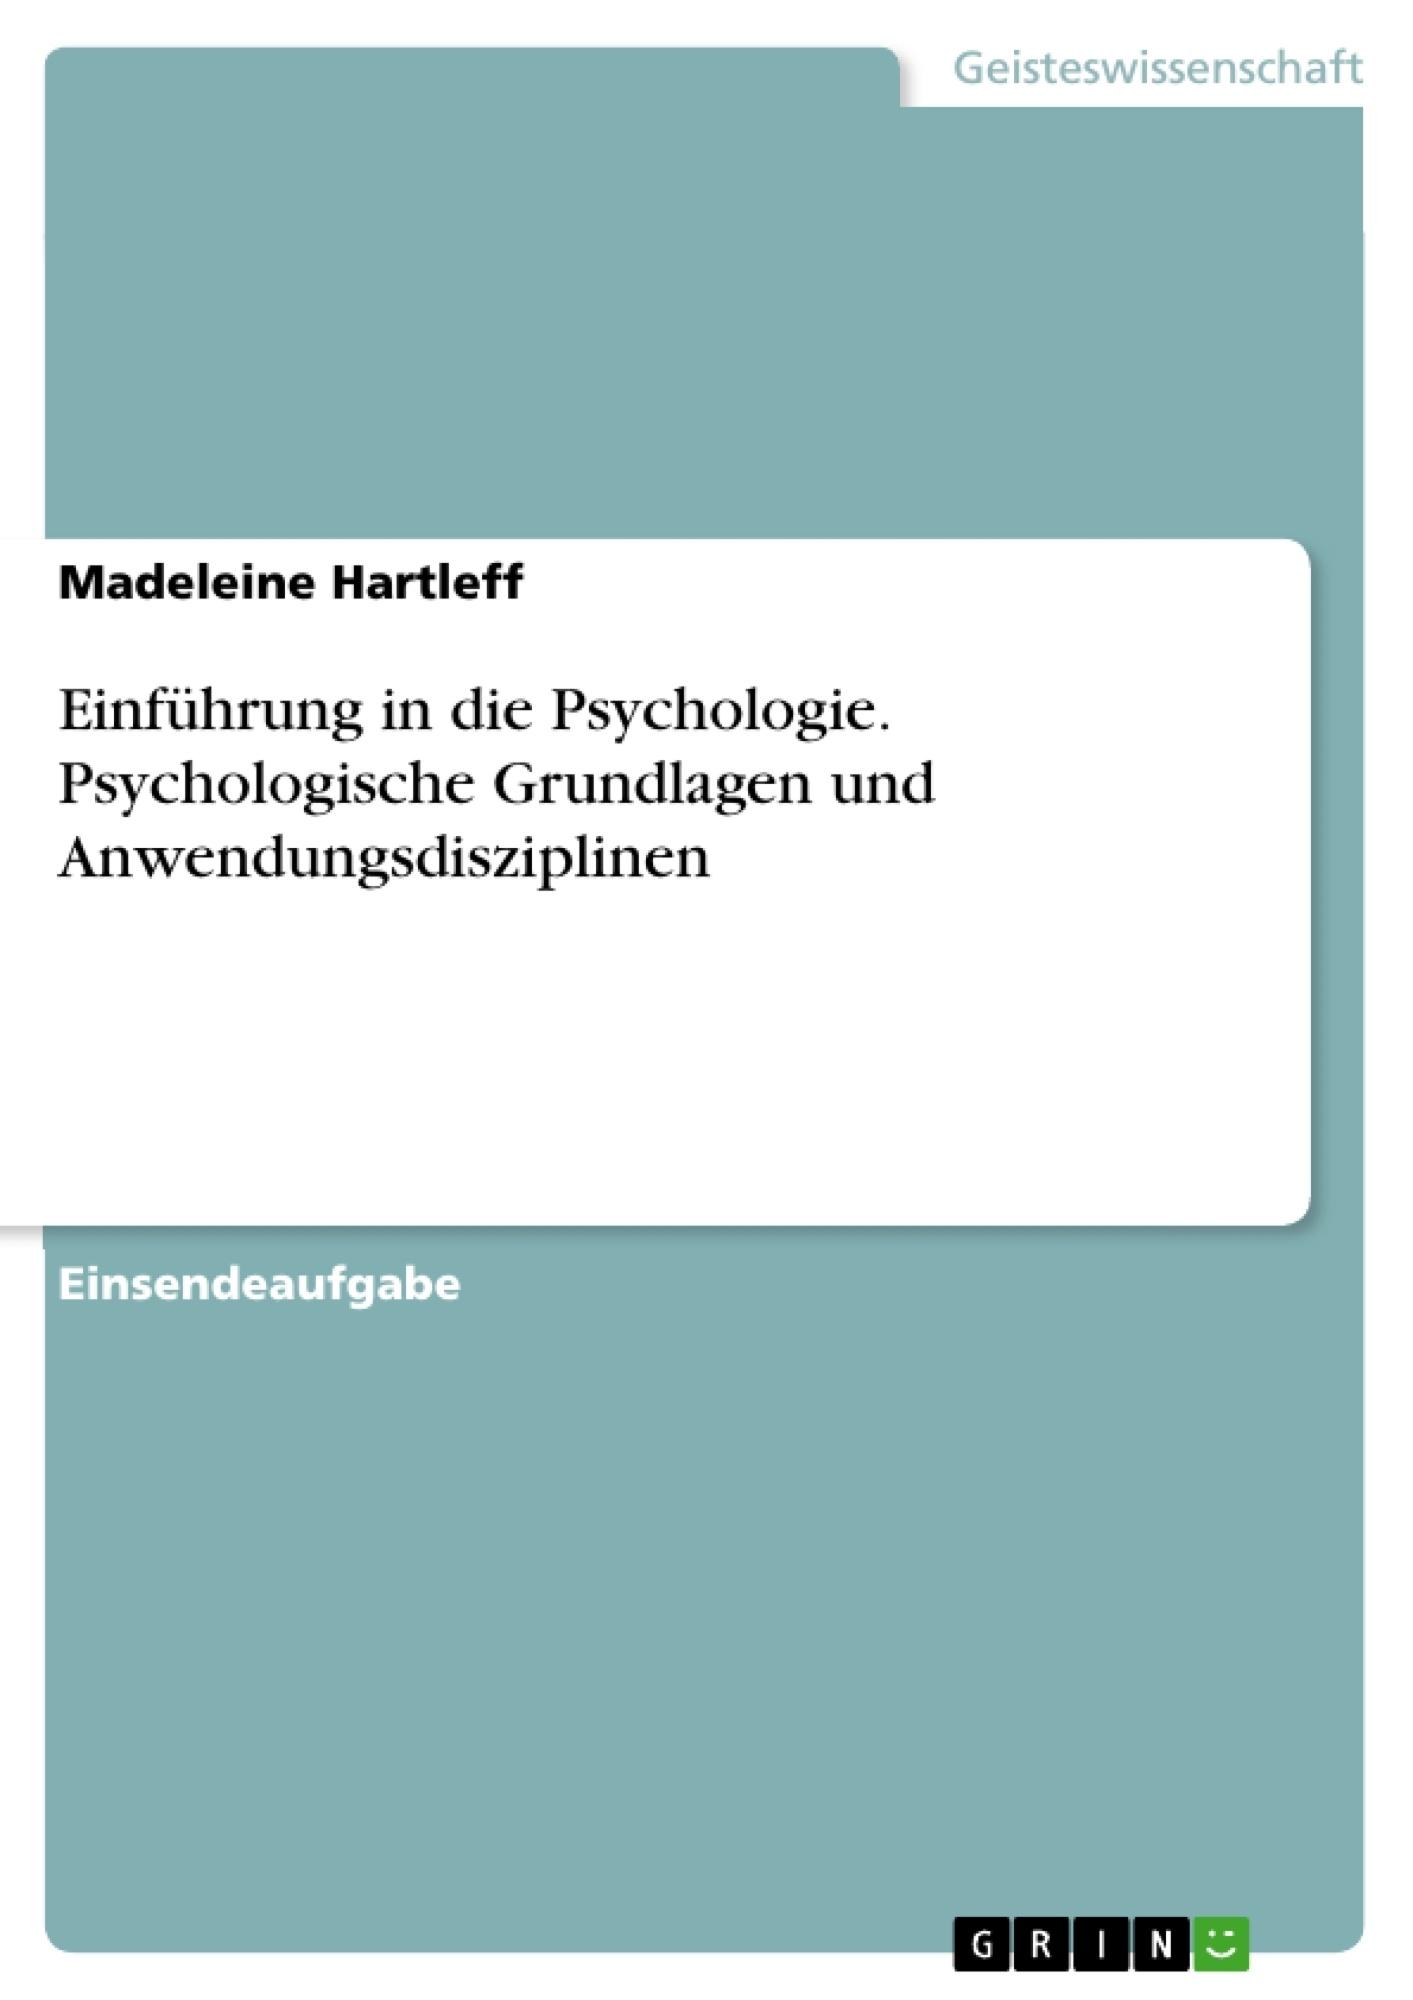 Titel: Einführung in die Psychologie. Psychologische Grundlagen und Anwendungsdisziplinen